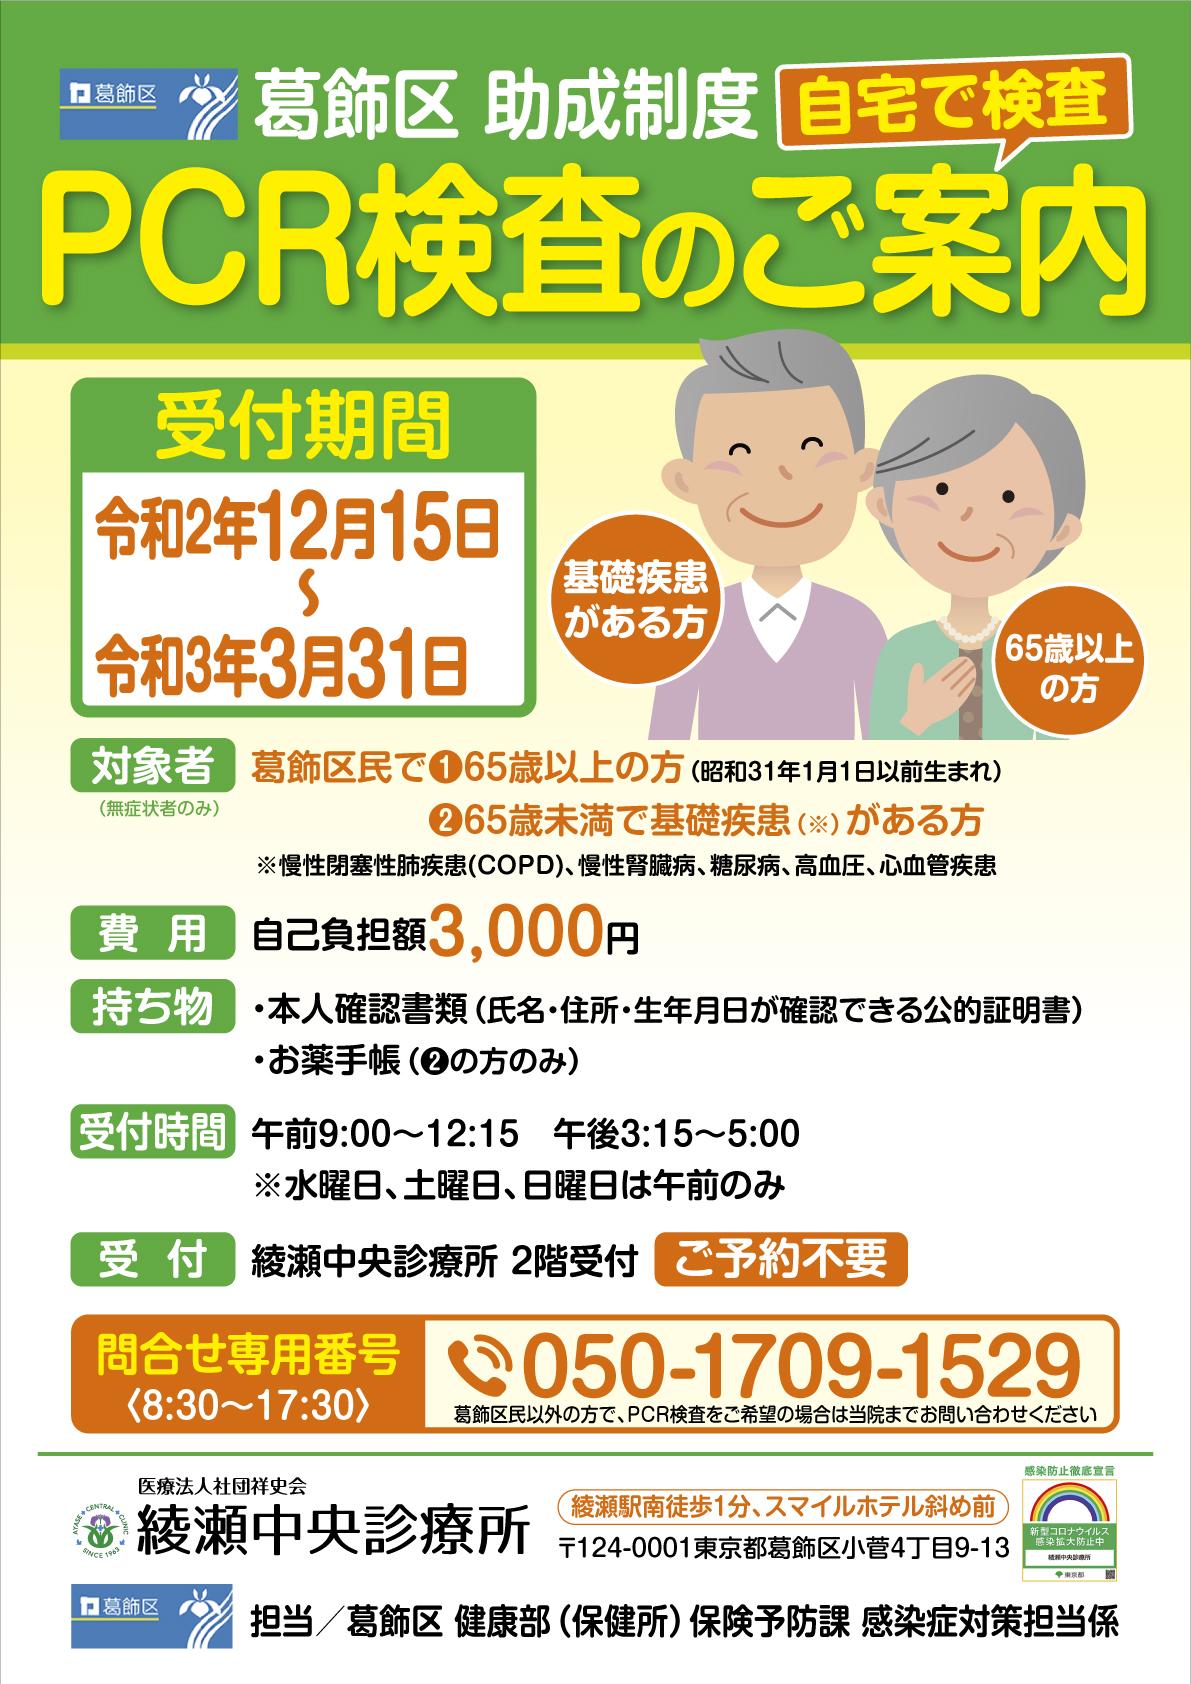 板橋 区 pcr 検査 できる 病院